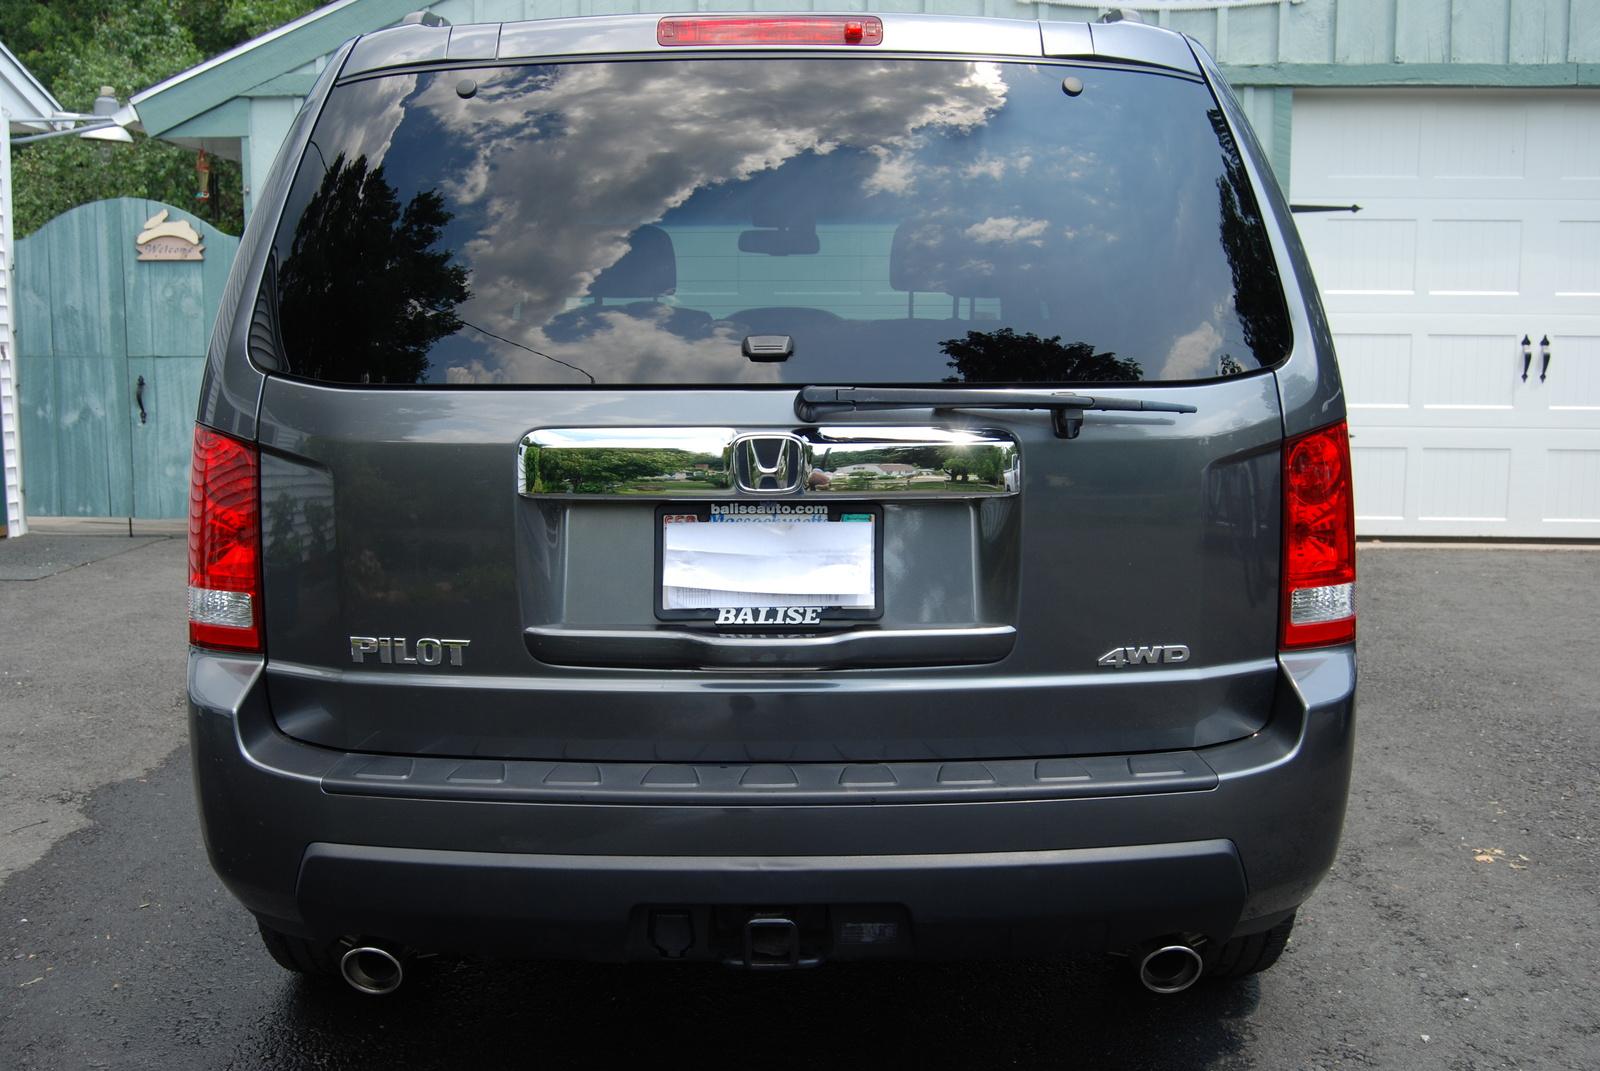 Used 2011 honda pilot values nadaguides new car prices for 2011 honda pilot ex